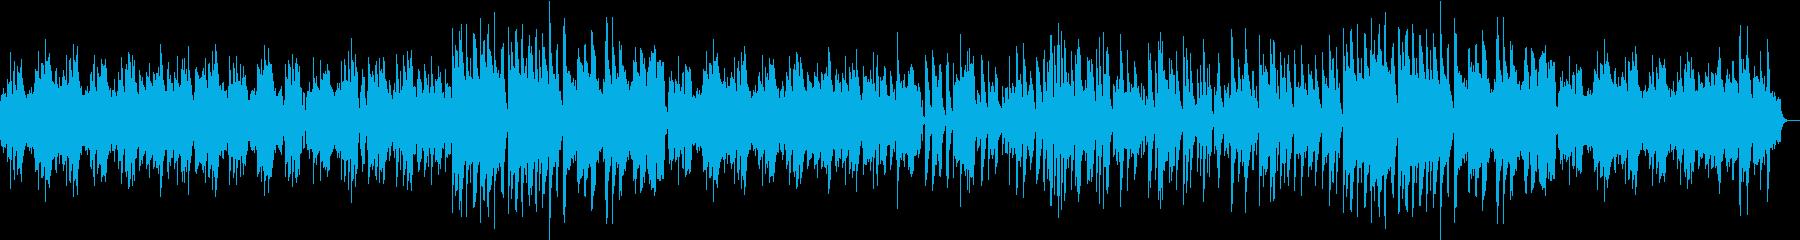 フルートほのぼのボサノバの再生済みの波形